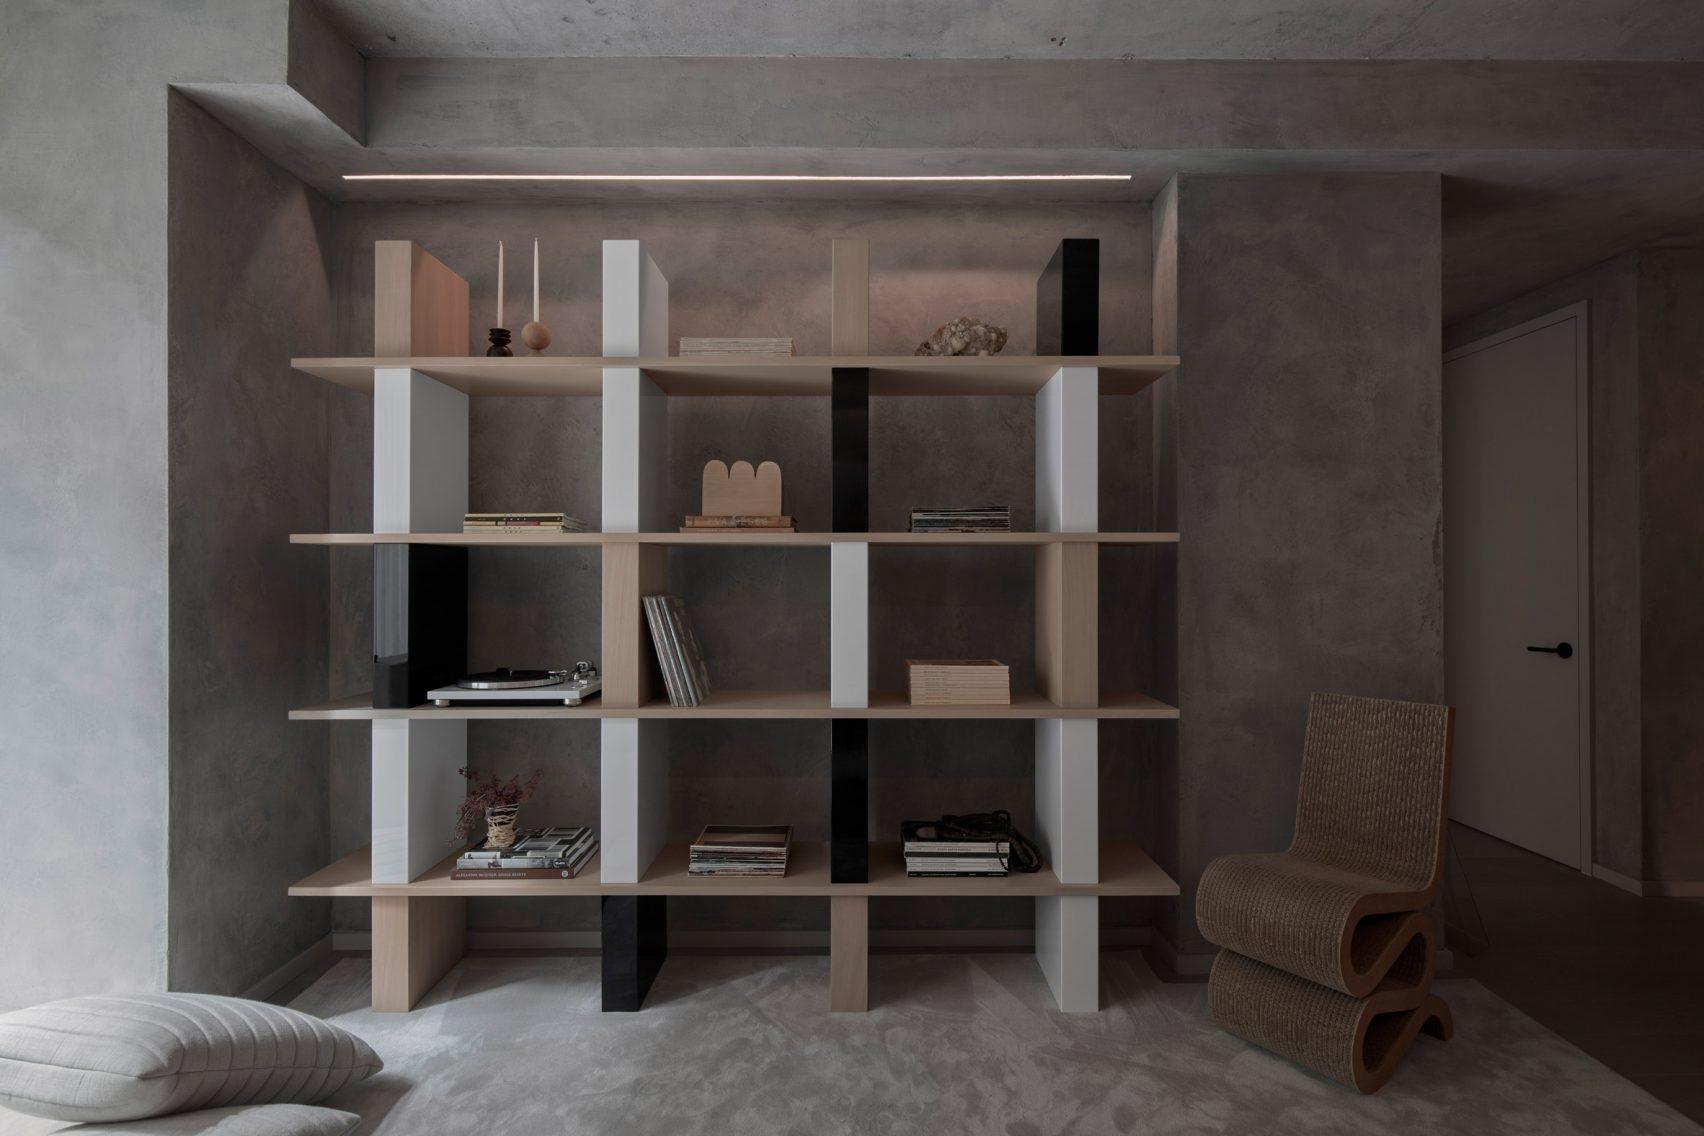 Бетон в интерьере: 10 стильных проектов (галерея 0, фото 1)